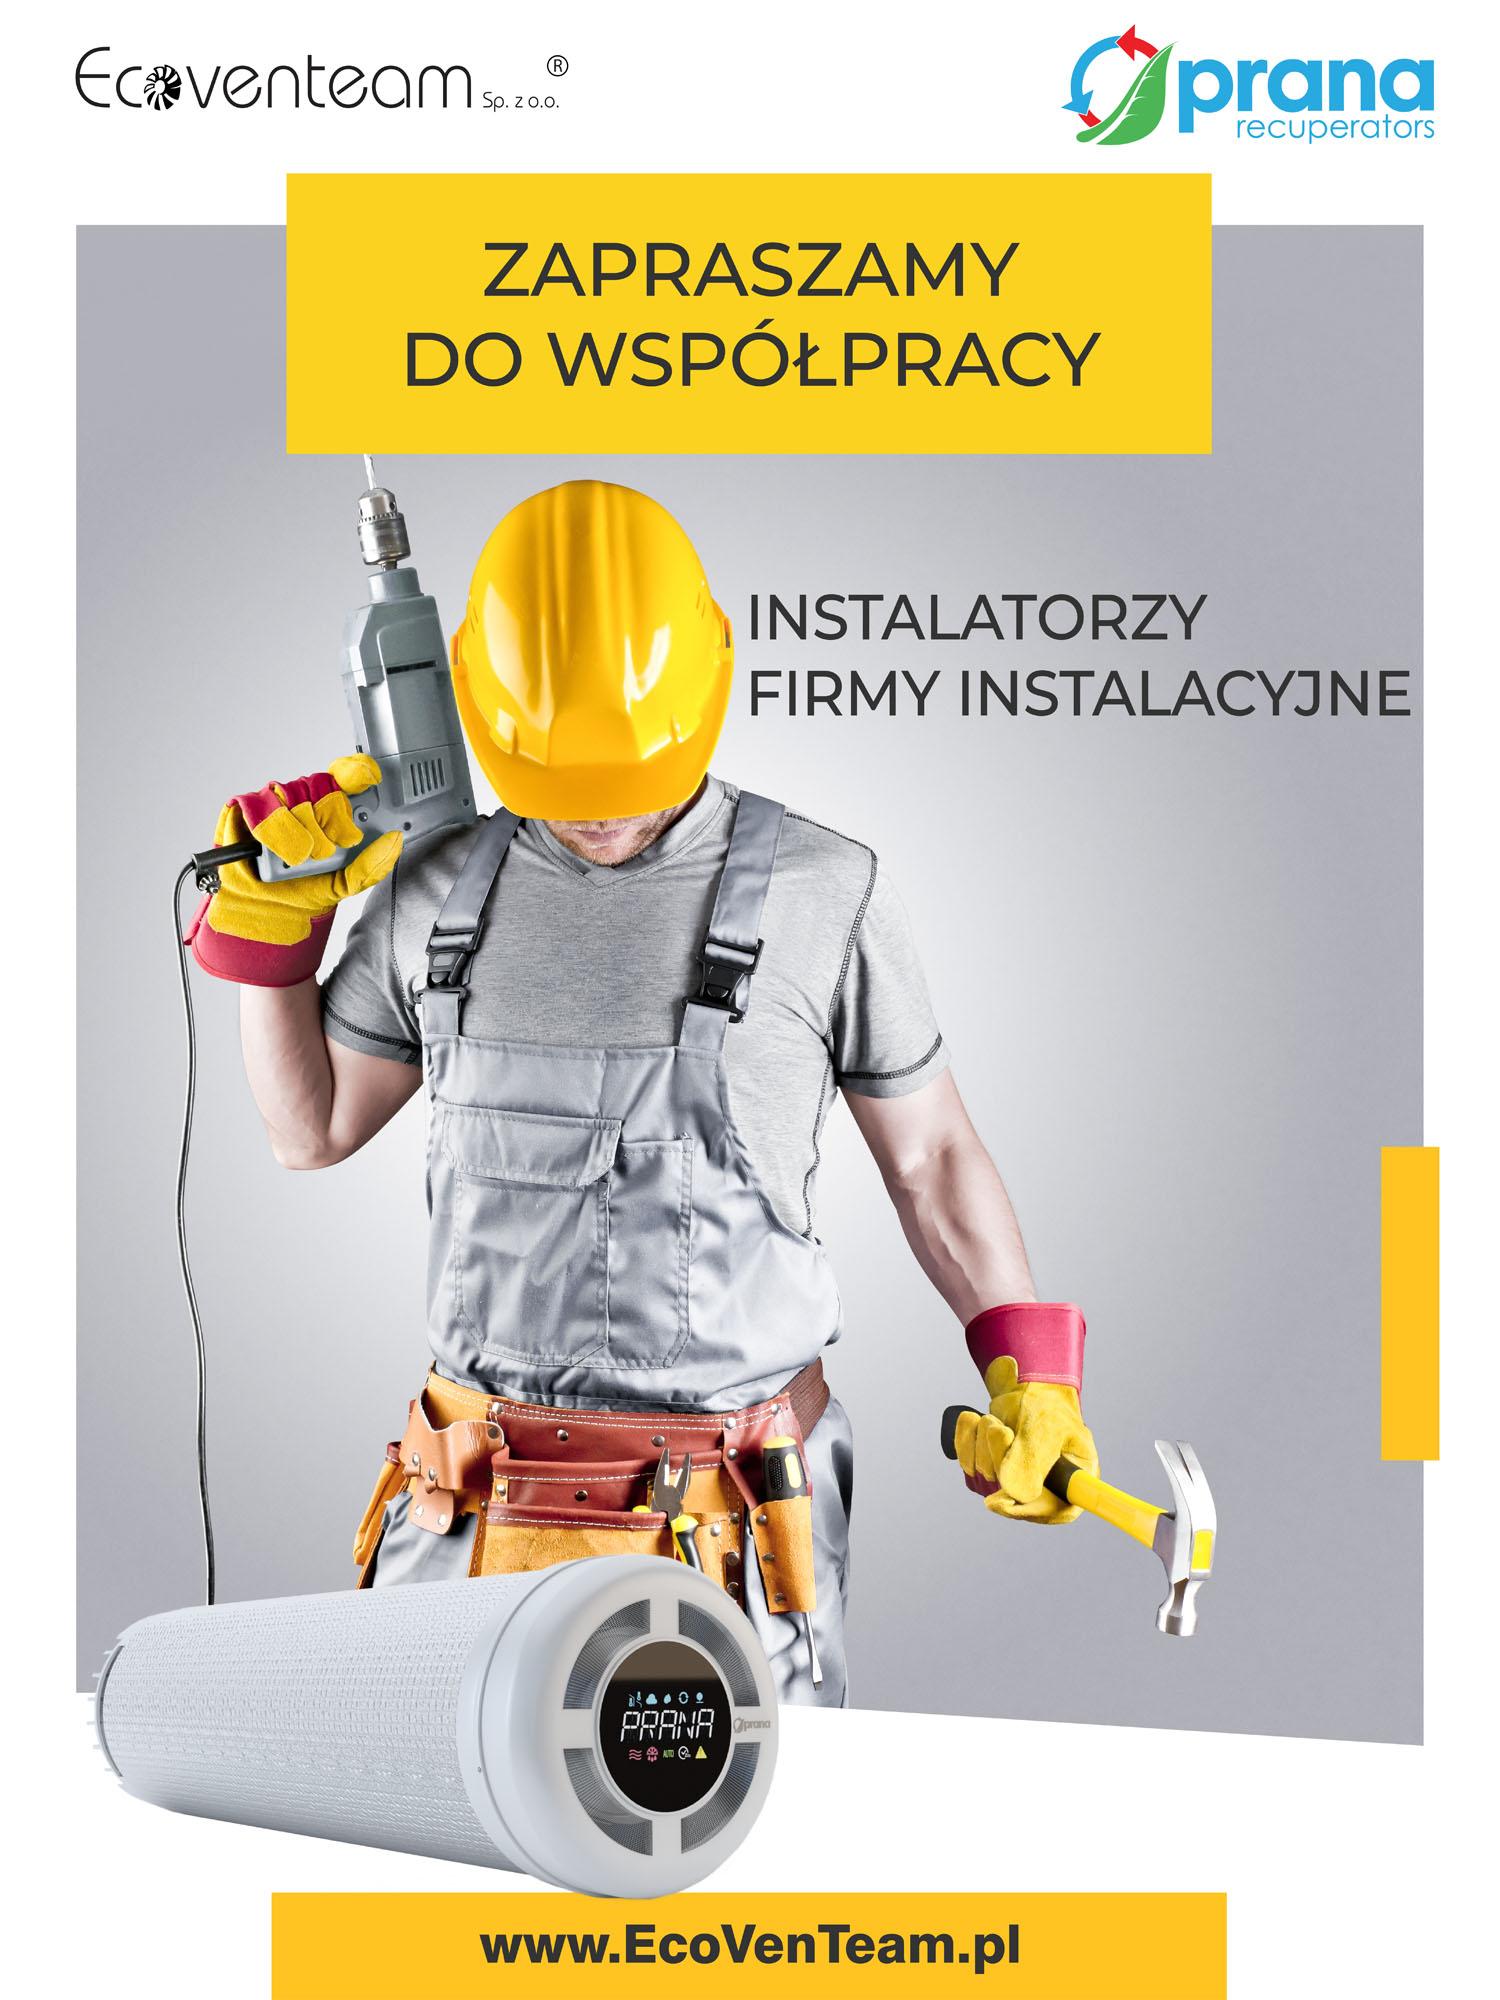 wspolpraca instalatorzy